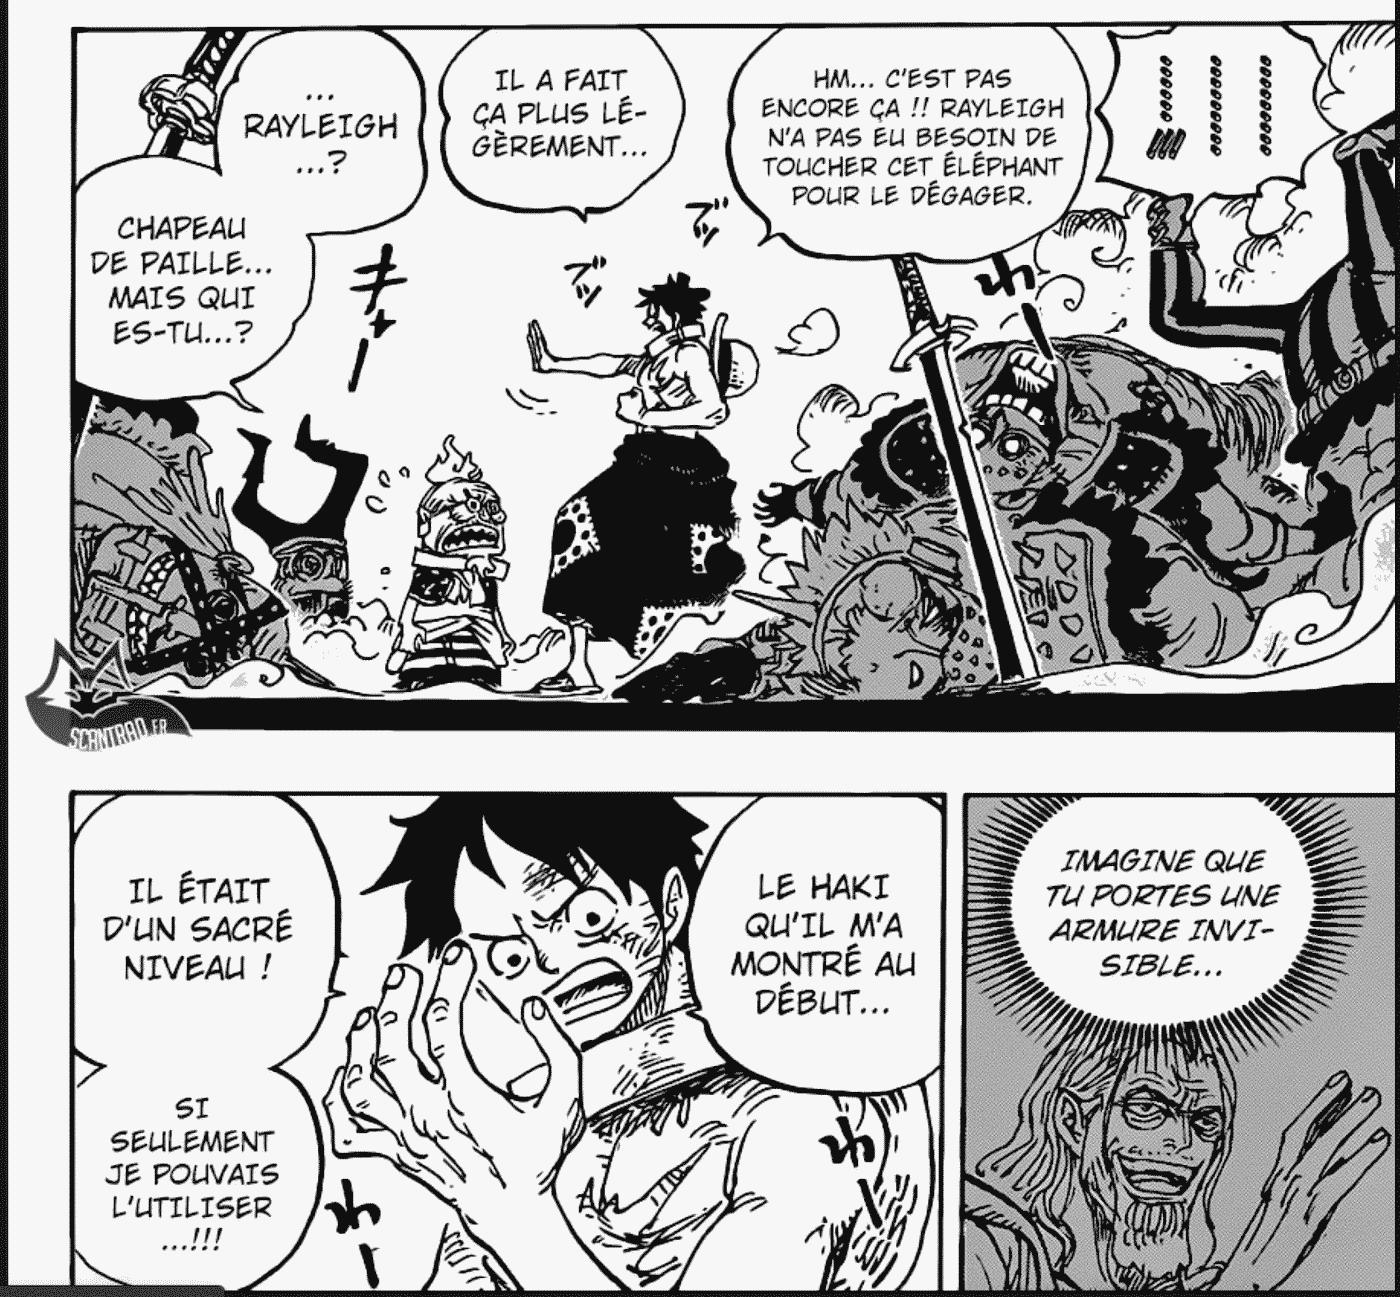 One Piece chapitre 946: Luffy a-t-il éveillé le nouveau pouvoir du Haki lorsqu'il à cassé les menottes? 2